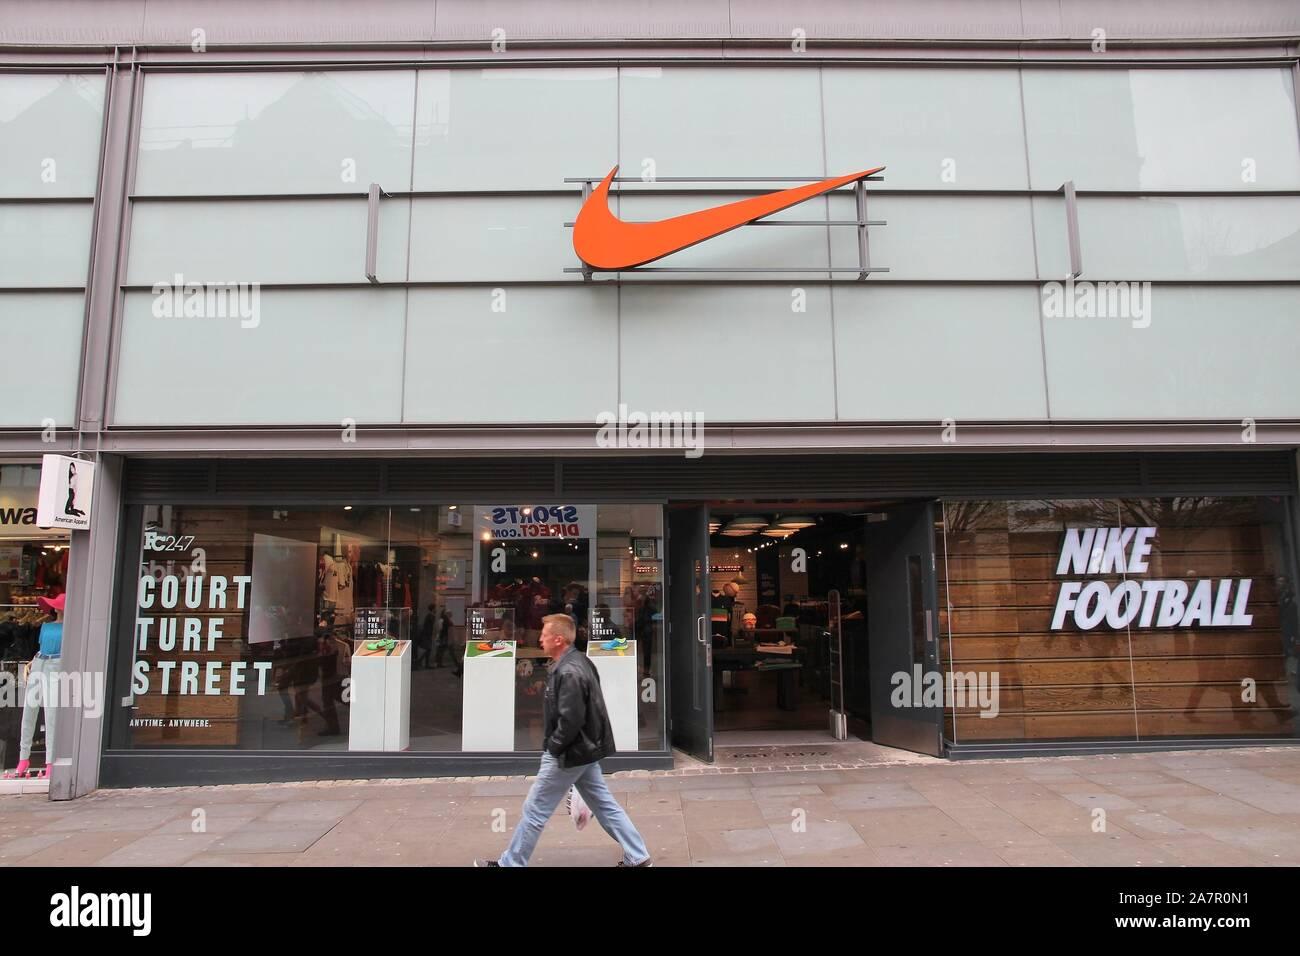 Tienda Nike Outlet Imágenes De Stock & Tienda Nike Outlet